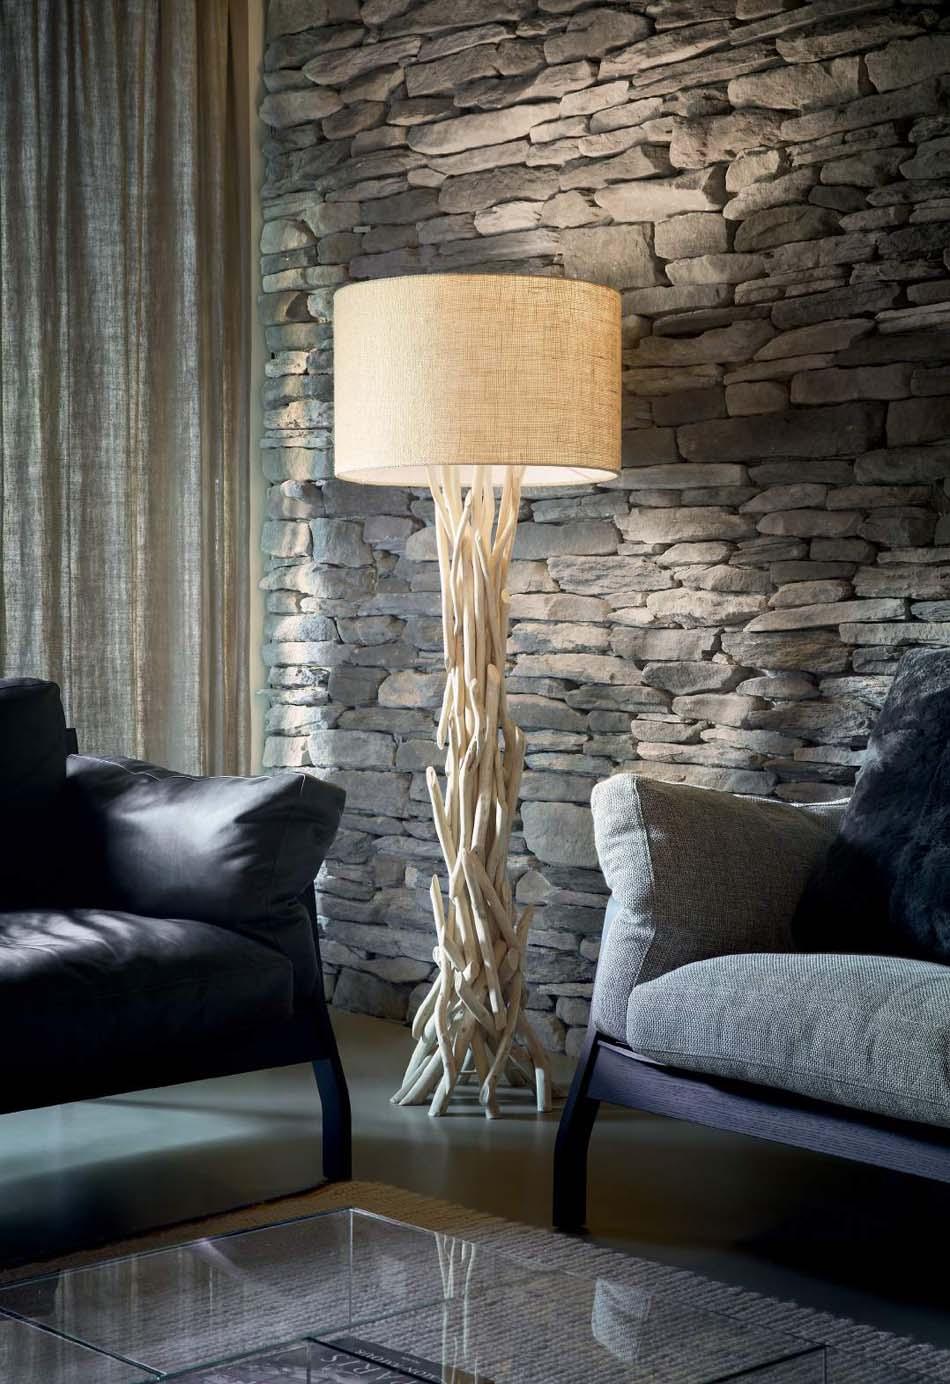 Lampade 45 sospese Ideal Lux Driftwood – Toscana Arredamenti